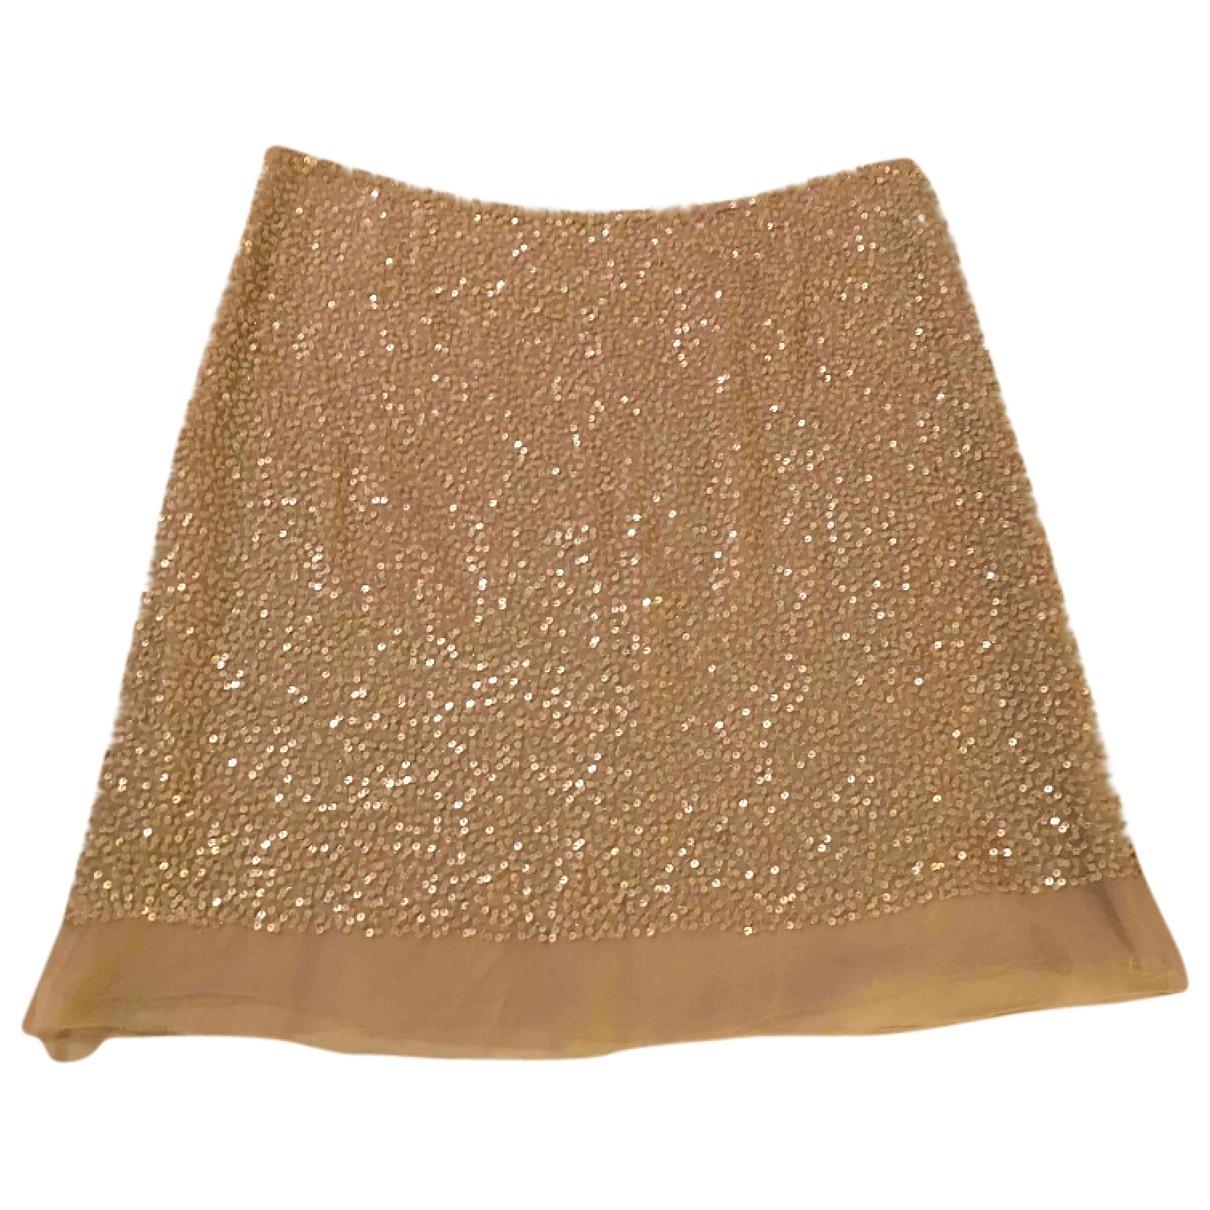 Parosh - Jupe   pour femme en a paillettes - beige